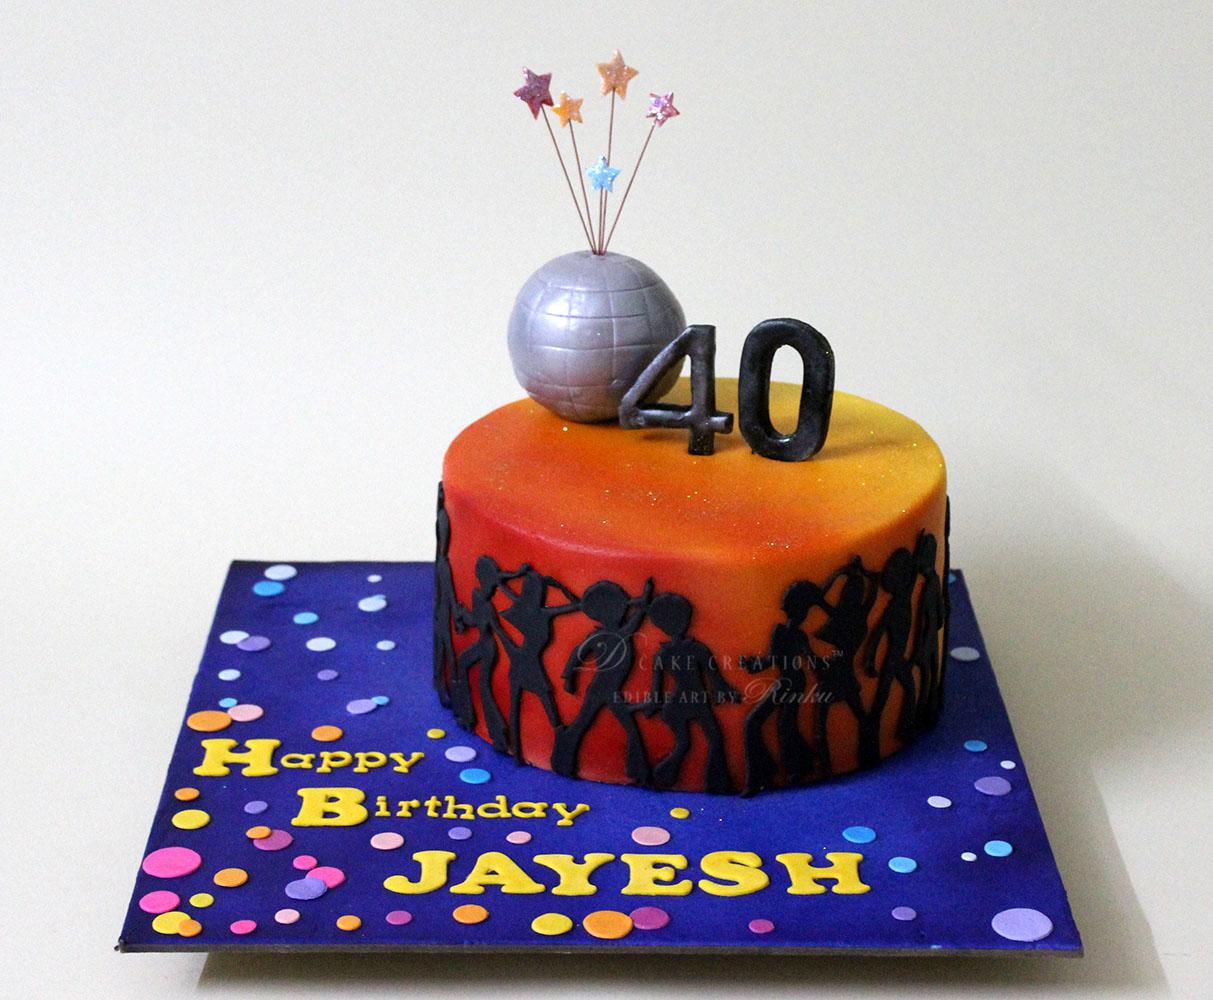 Disco Theme Cake